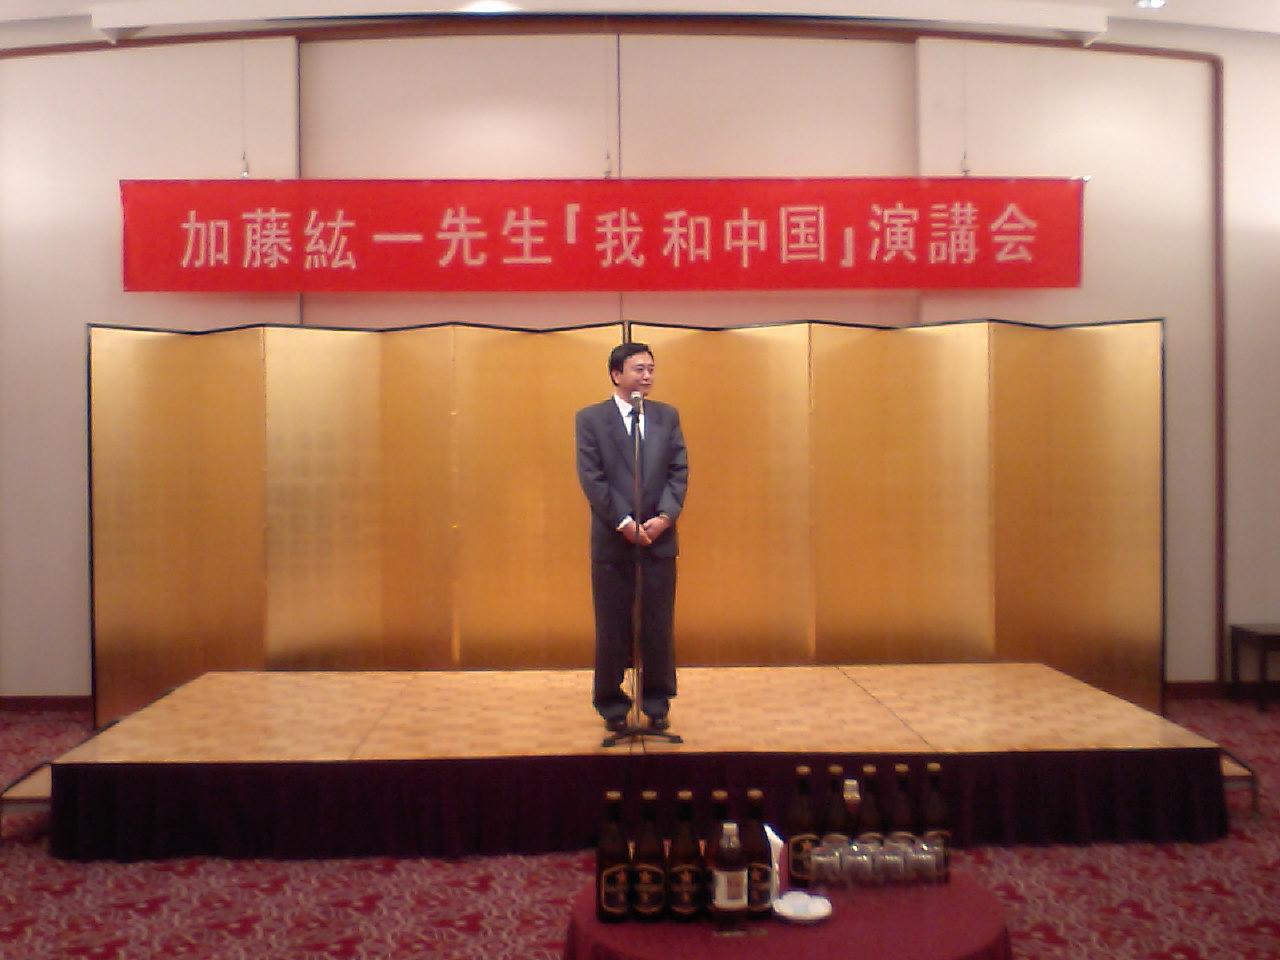 中国大使館張参事官の挨拶_d0027795_18401290.jpg